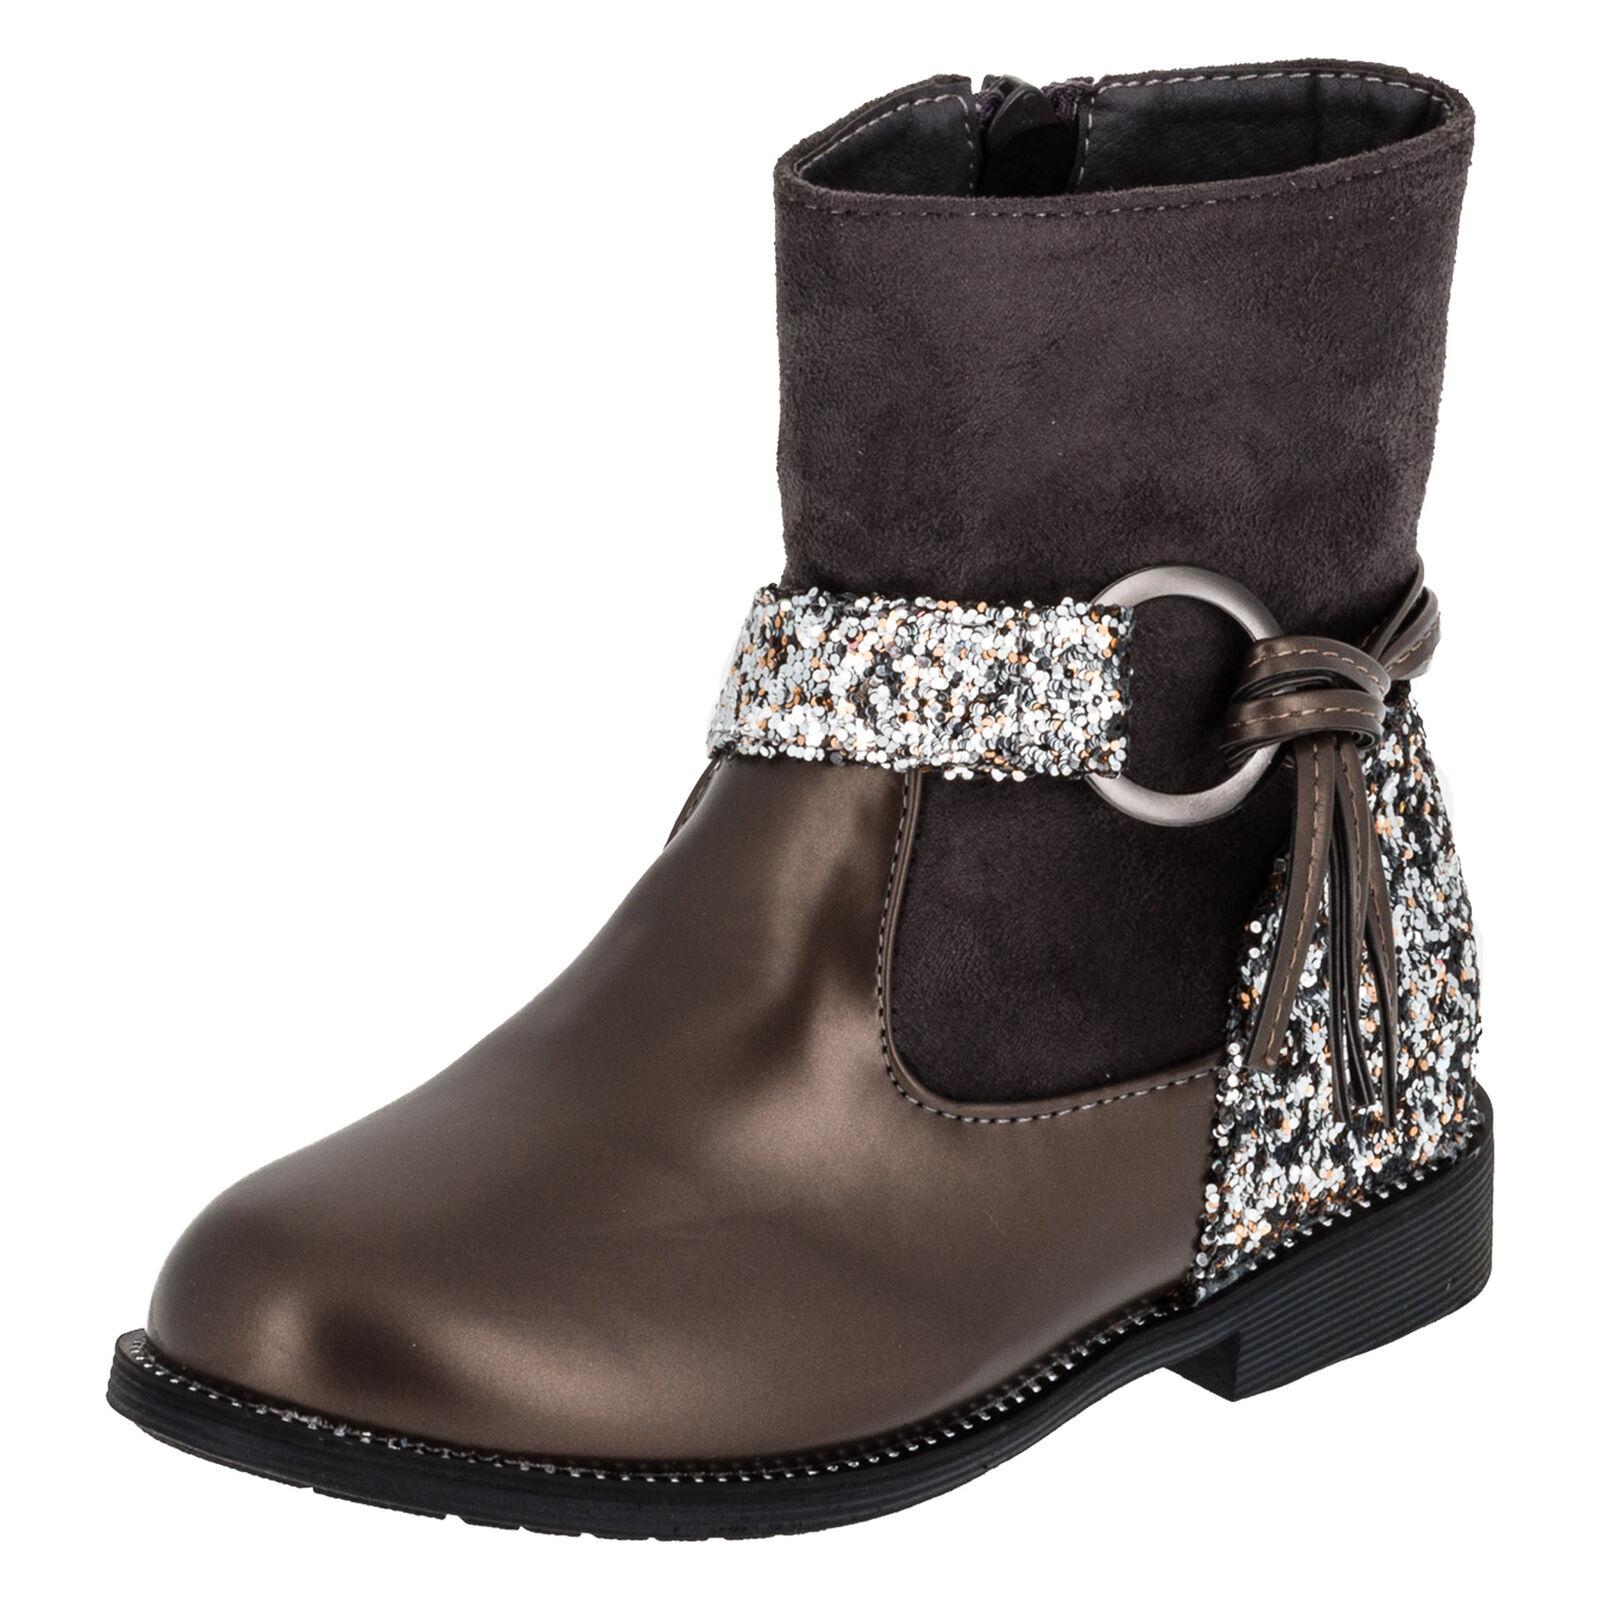 Trendige Mädchen Stiefeletten Stiefel Schuhe Lederoptik Glitzer Reißverschluss 3